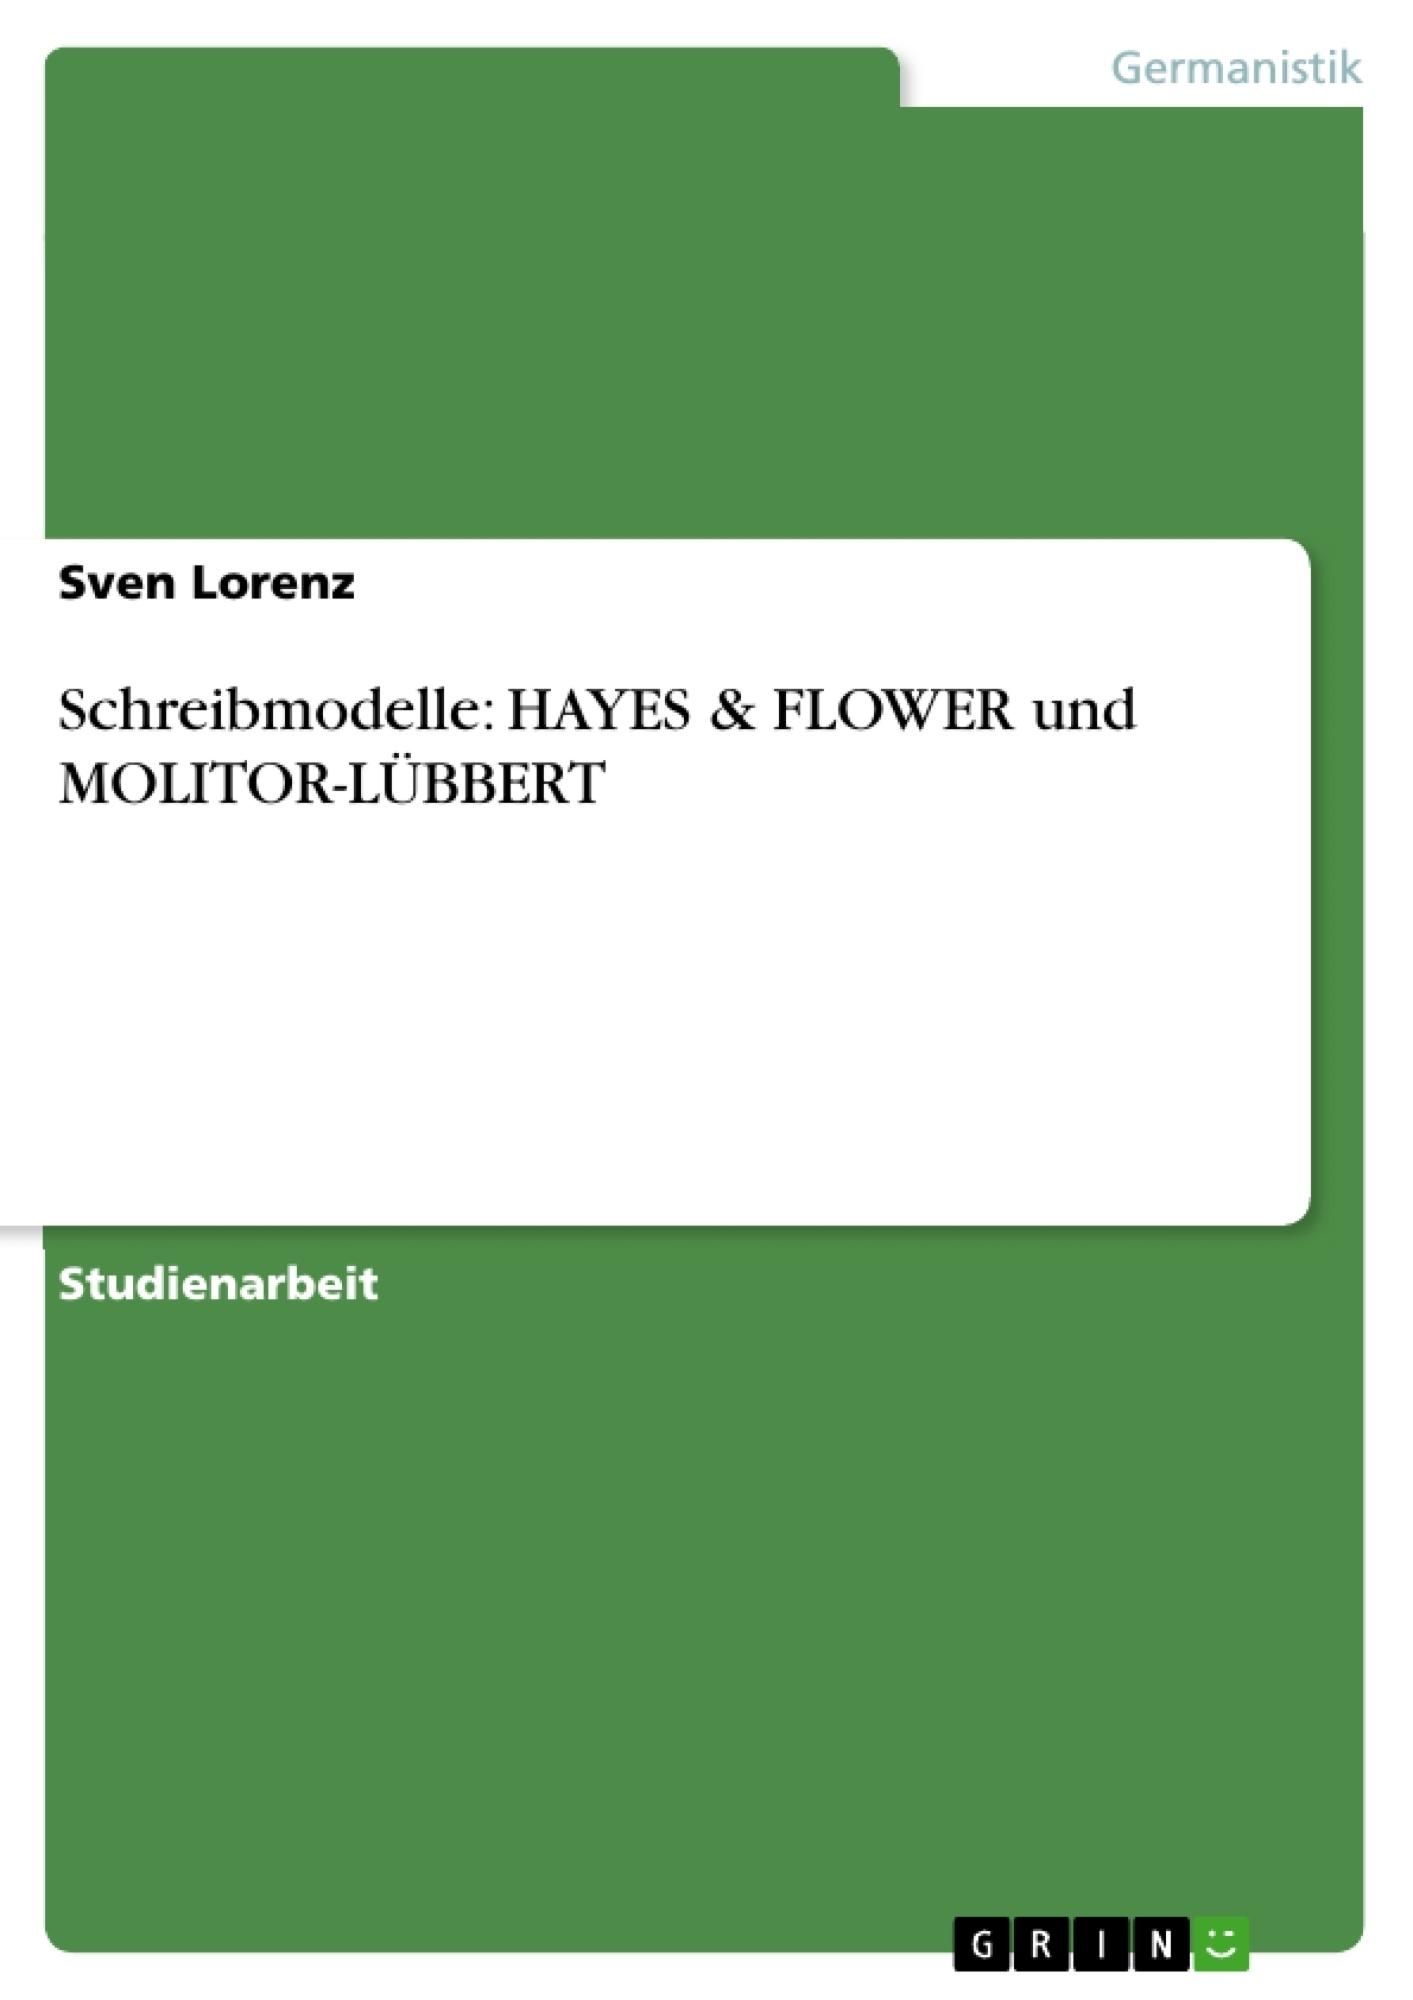 Titel: Schreibmodelle: HAYES & FLOWER und MOLITOR-LÜBBERT